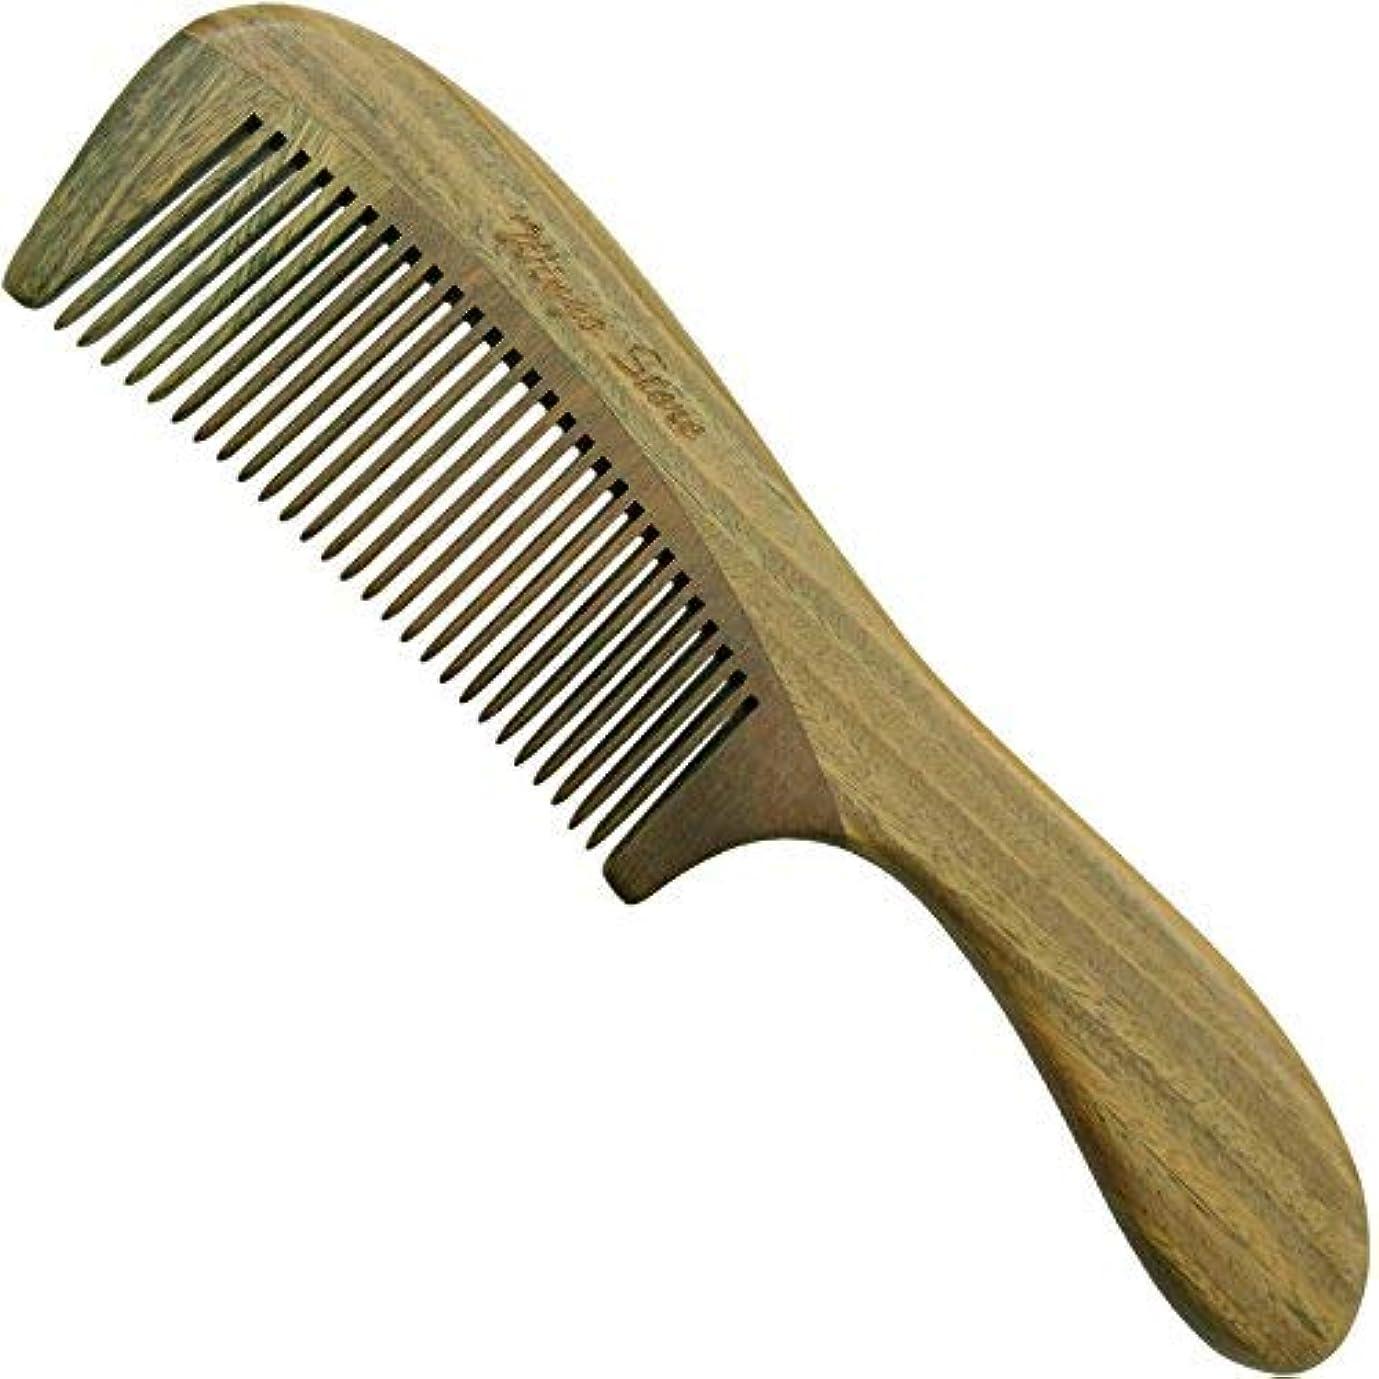 修復収穫経験的Wingostore Wood Hair Comb Handmade (Handle-Green Sandlewood) [並行輸入品]